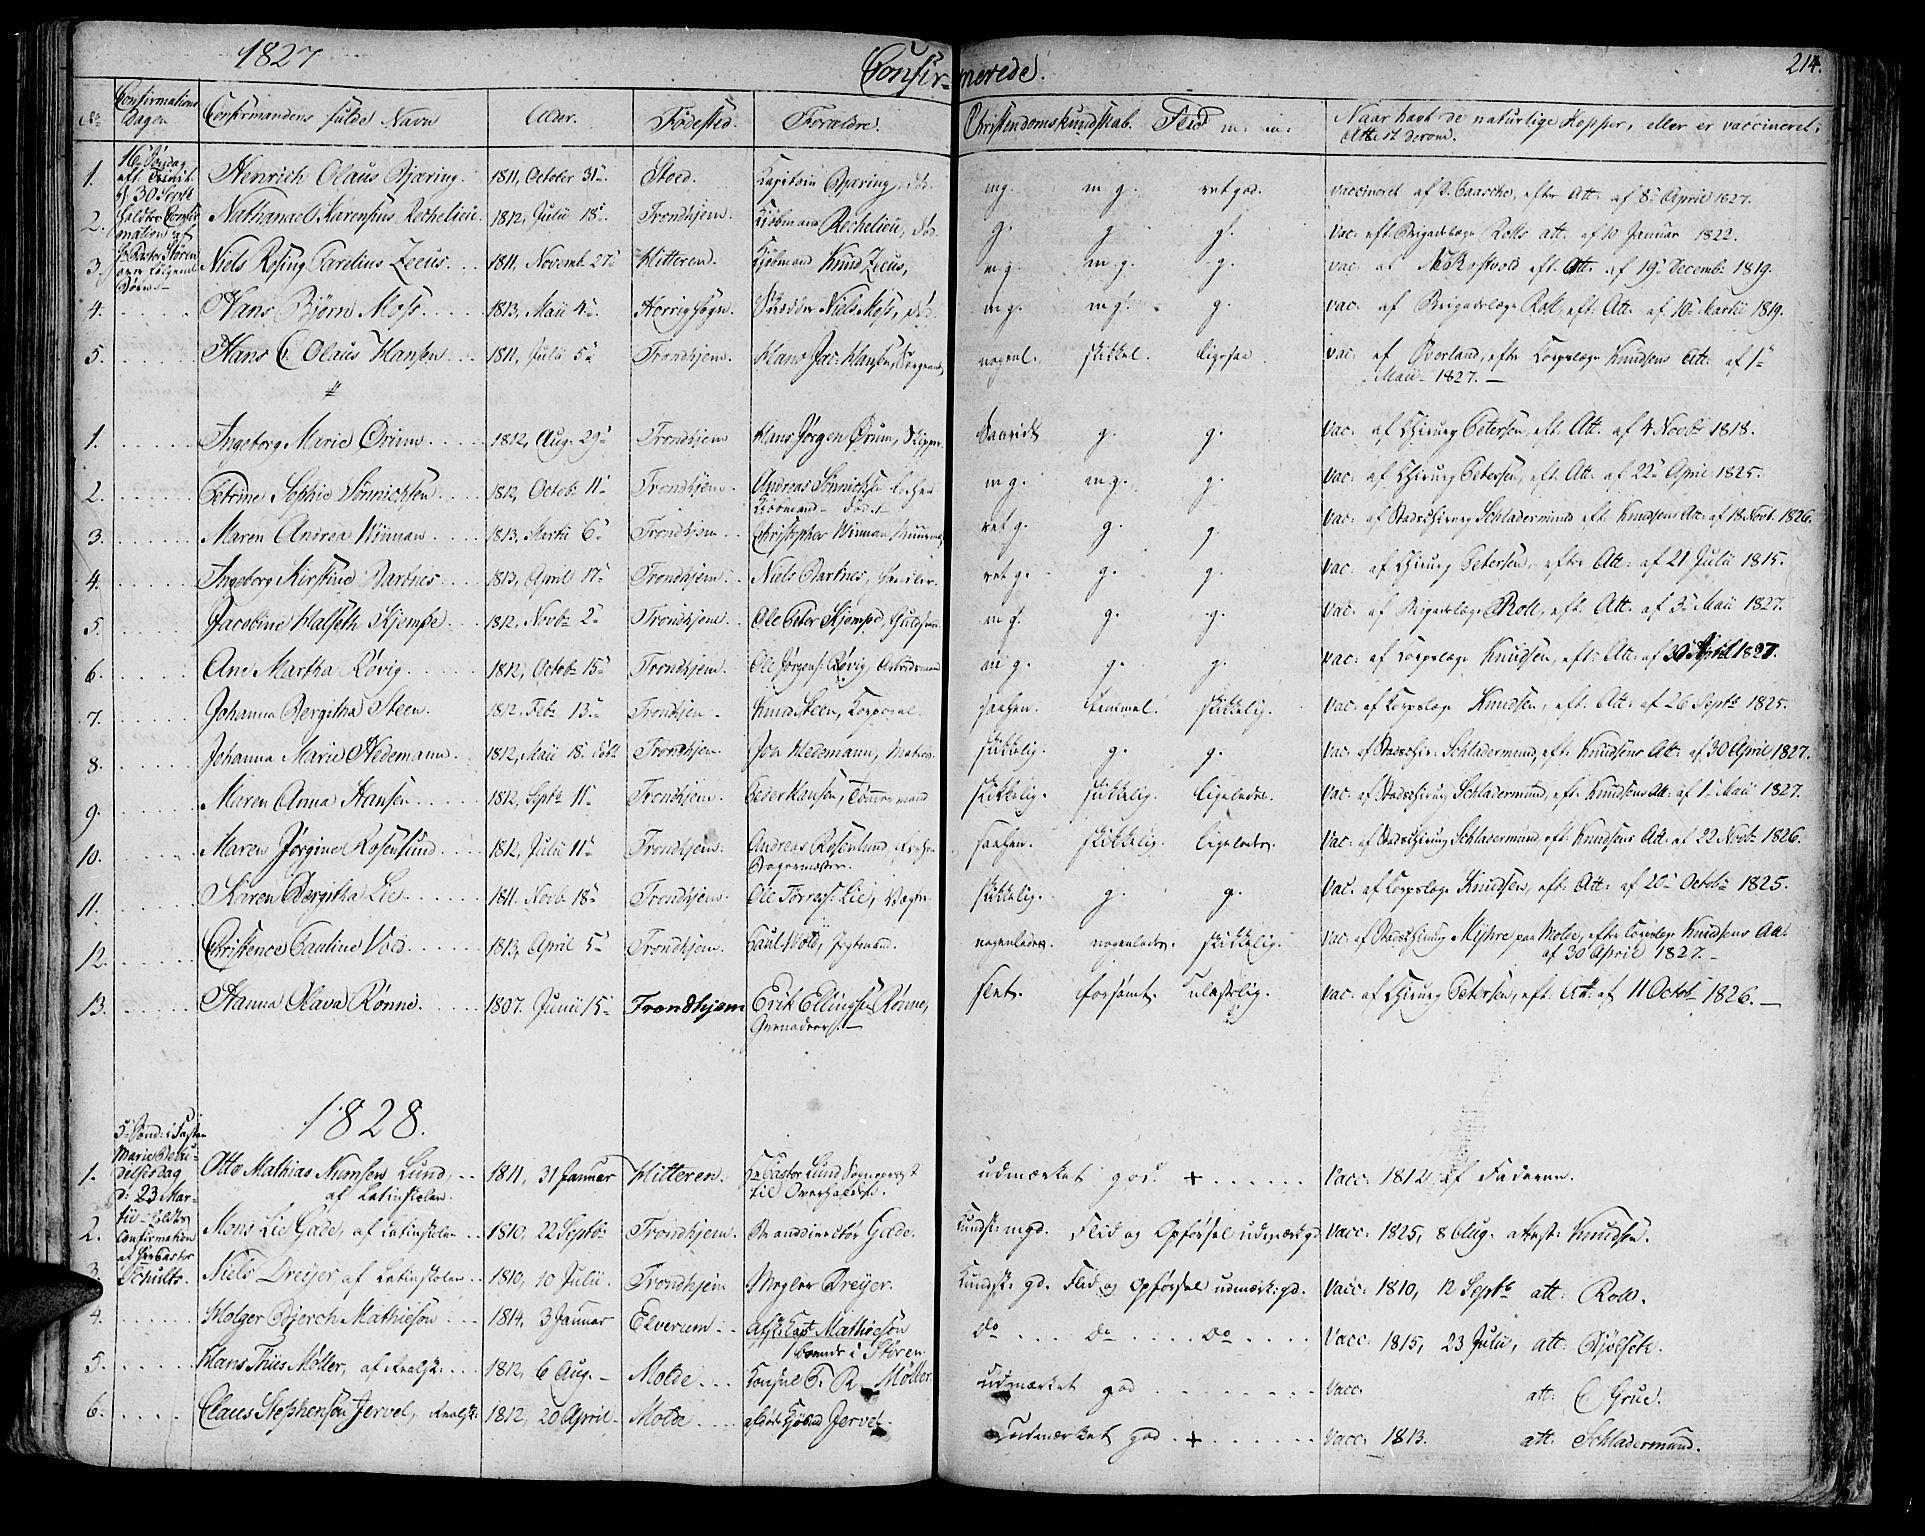 SAT, Ministerialprotokoller, klokkerbøker og fødselsregistre - Sør-Trøndelag, 602/L0108: Ministerialbok nr. 602A06, 1821-1839, s. 214